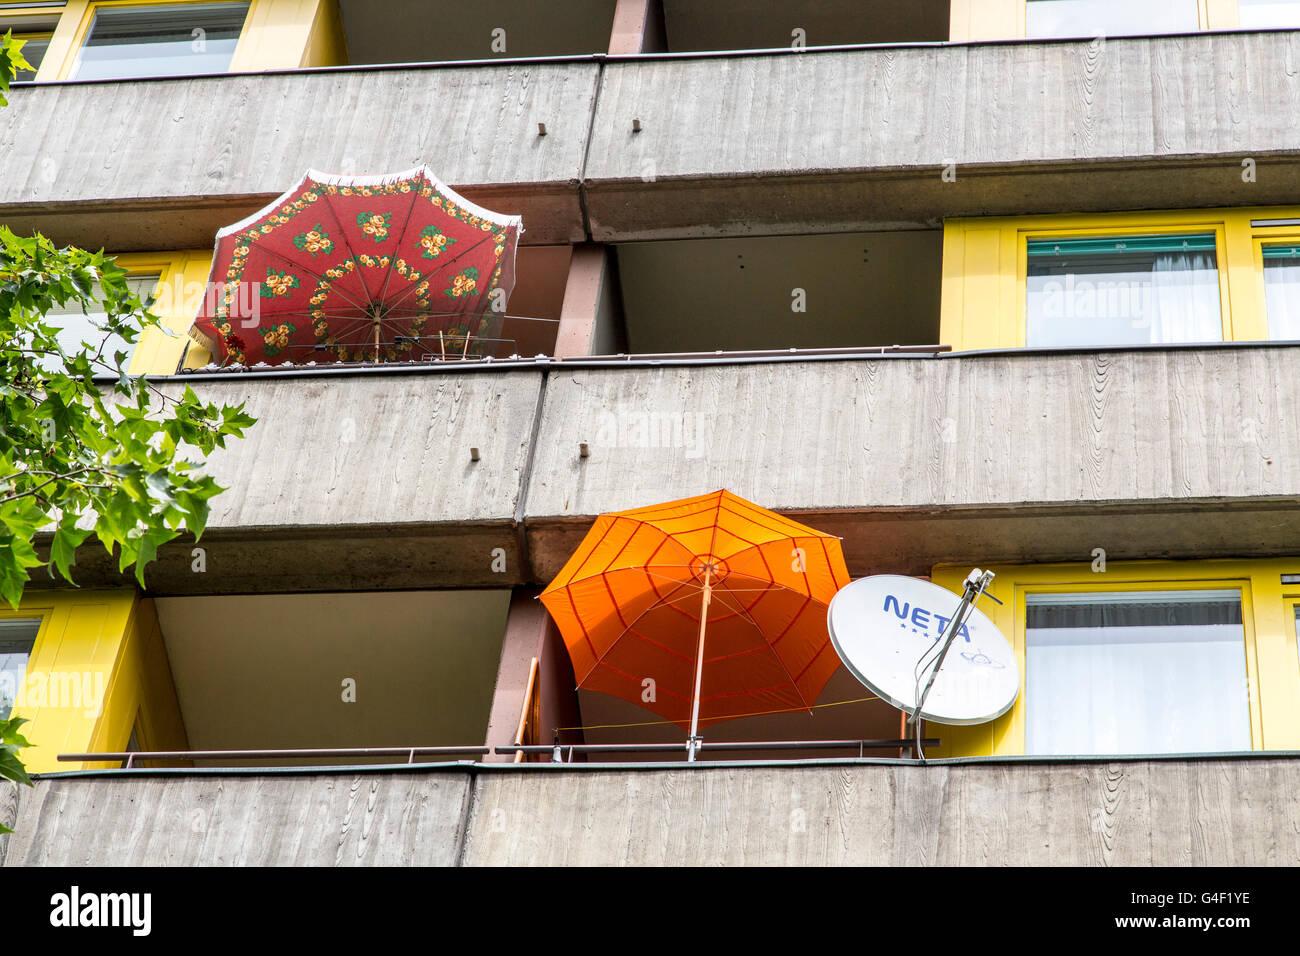 Balkone in einer großen Wohnanlage, Sonnenschirmen, Satellitenantenne, Stockbild